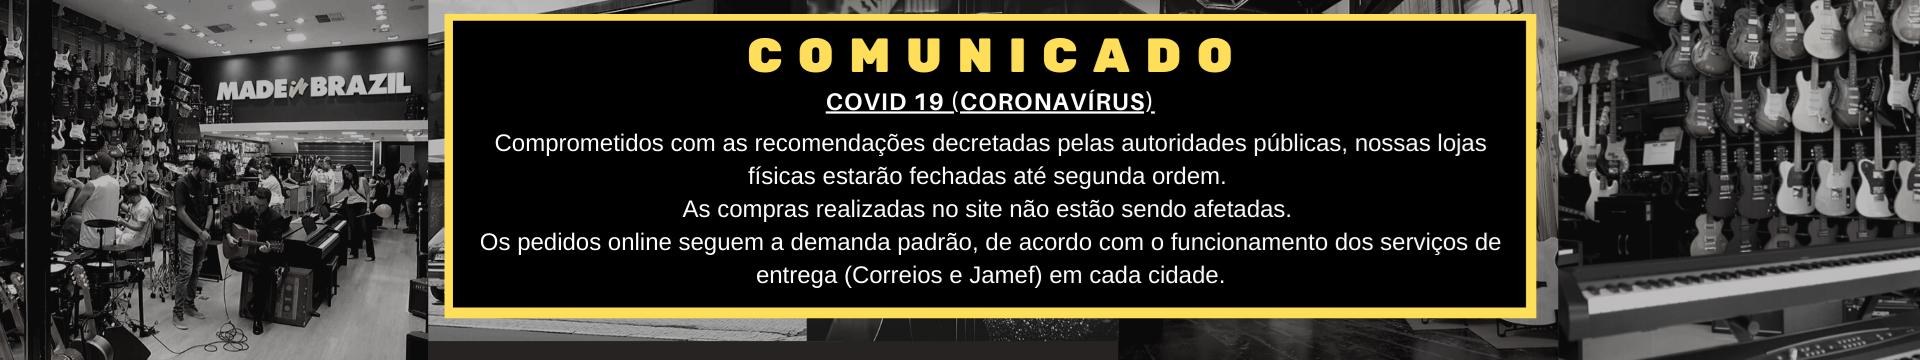 Made in Brazil Comunicado COVID-19